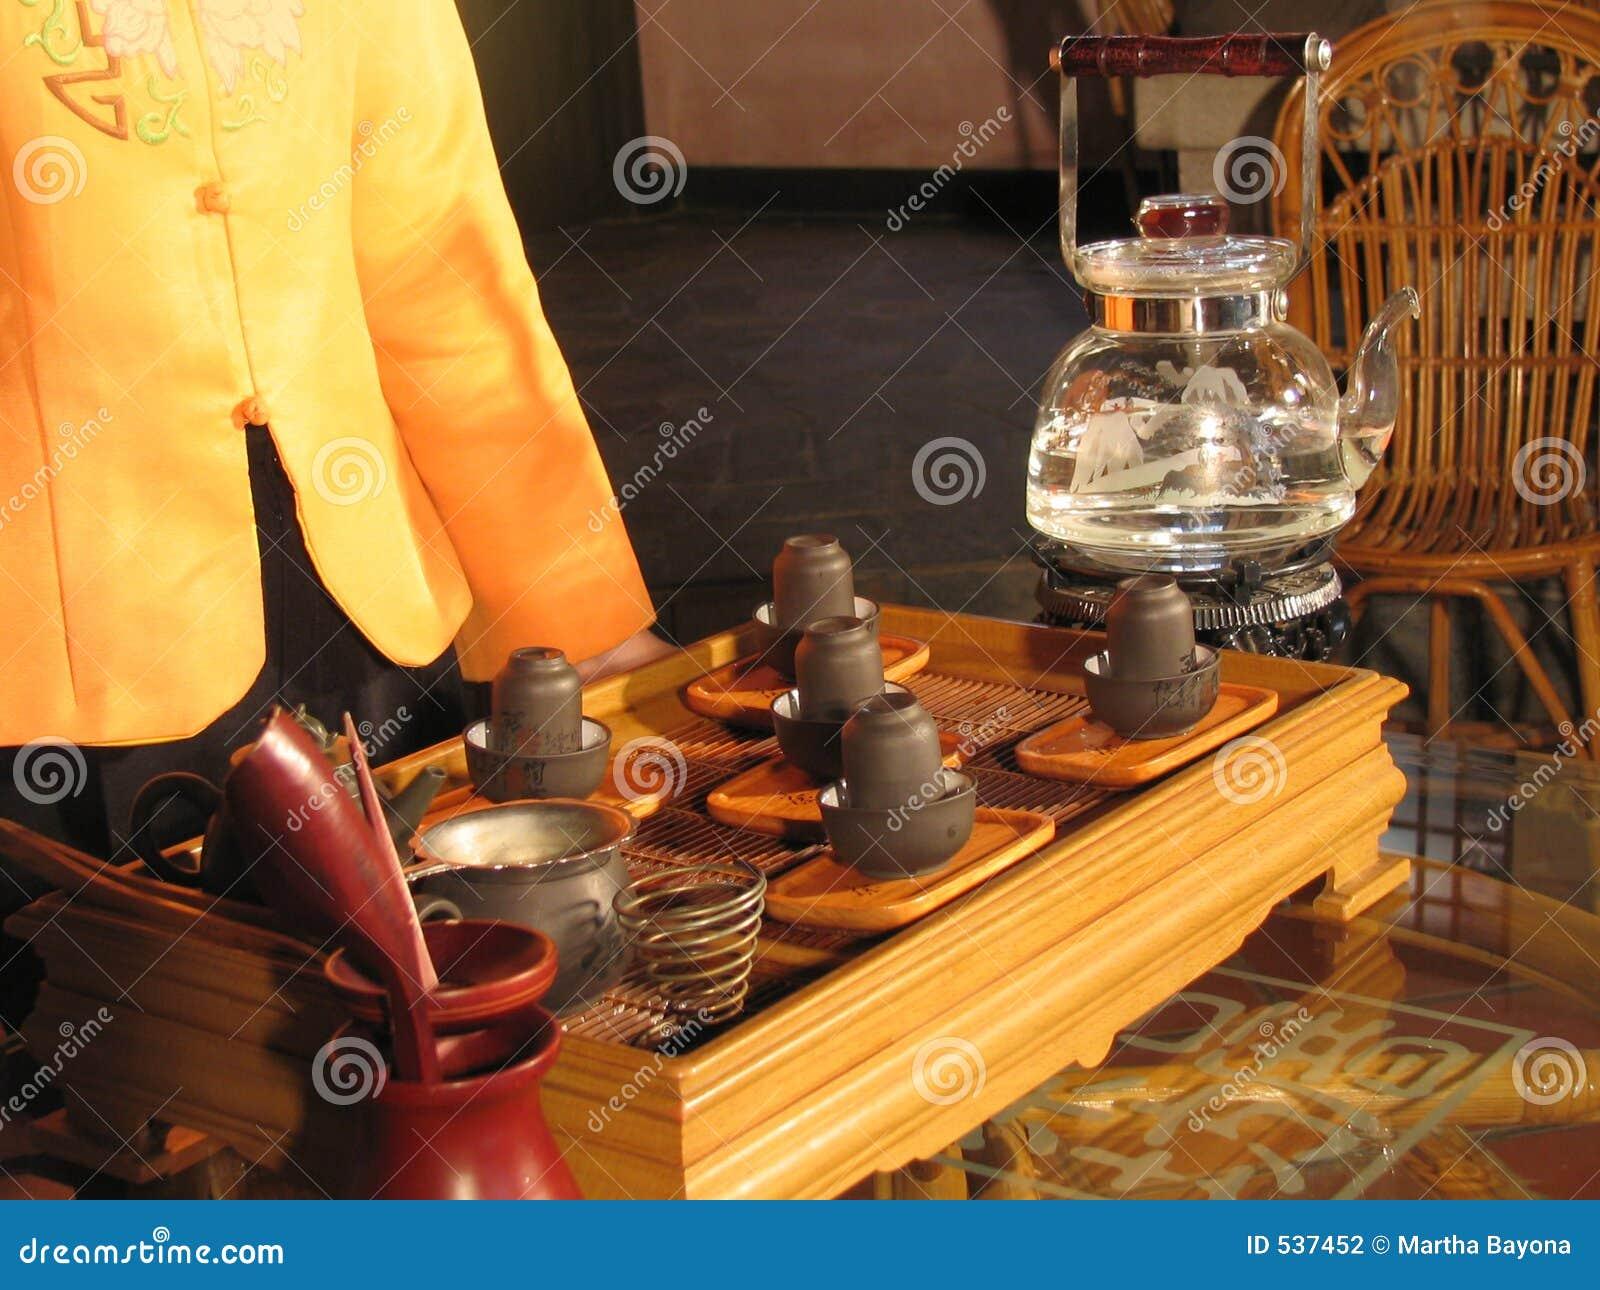 Download 中国茶 库存照片. 图片 包括有 注入, 草本, 阿诺德, 健康, 家具, 聚会所, 饮料, 杯子, 汉语 - 537452